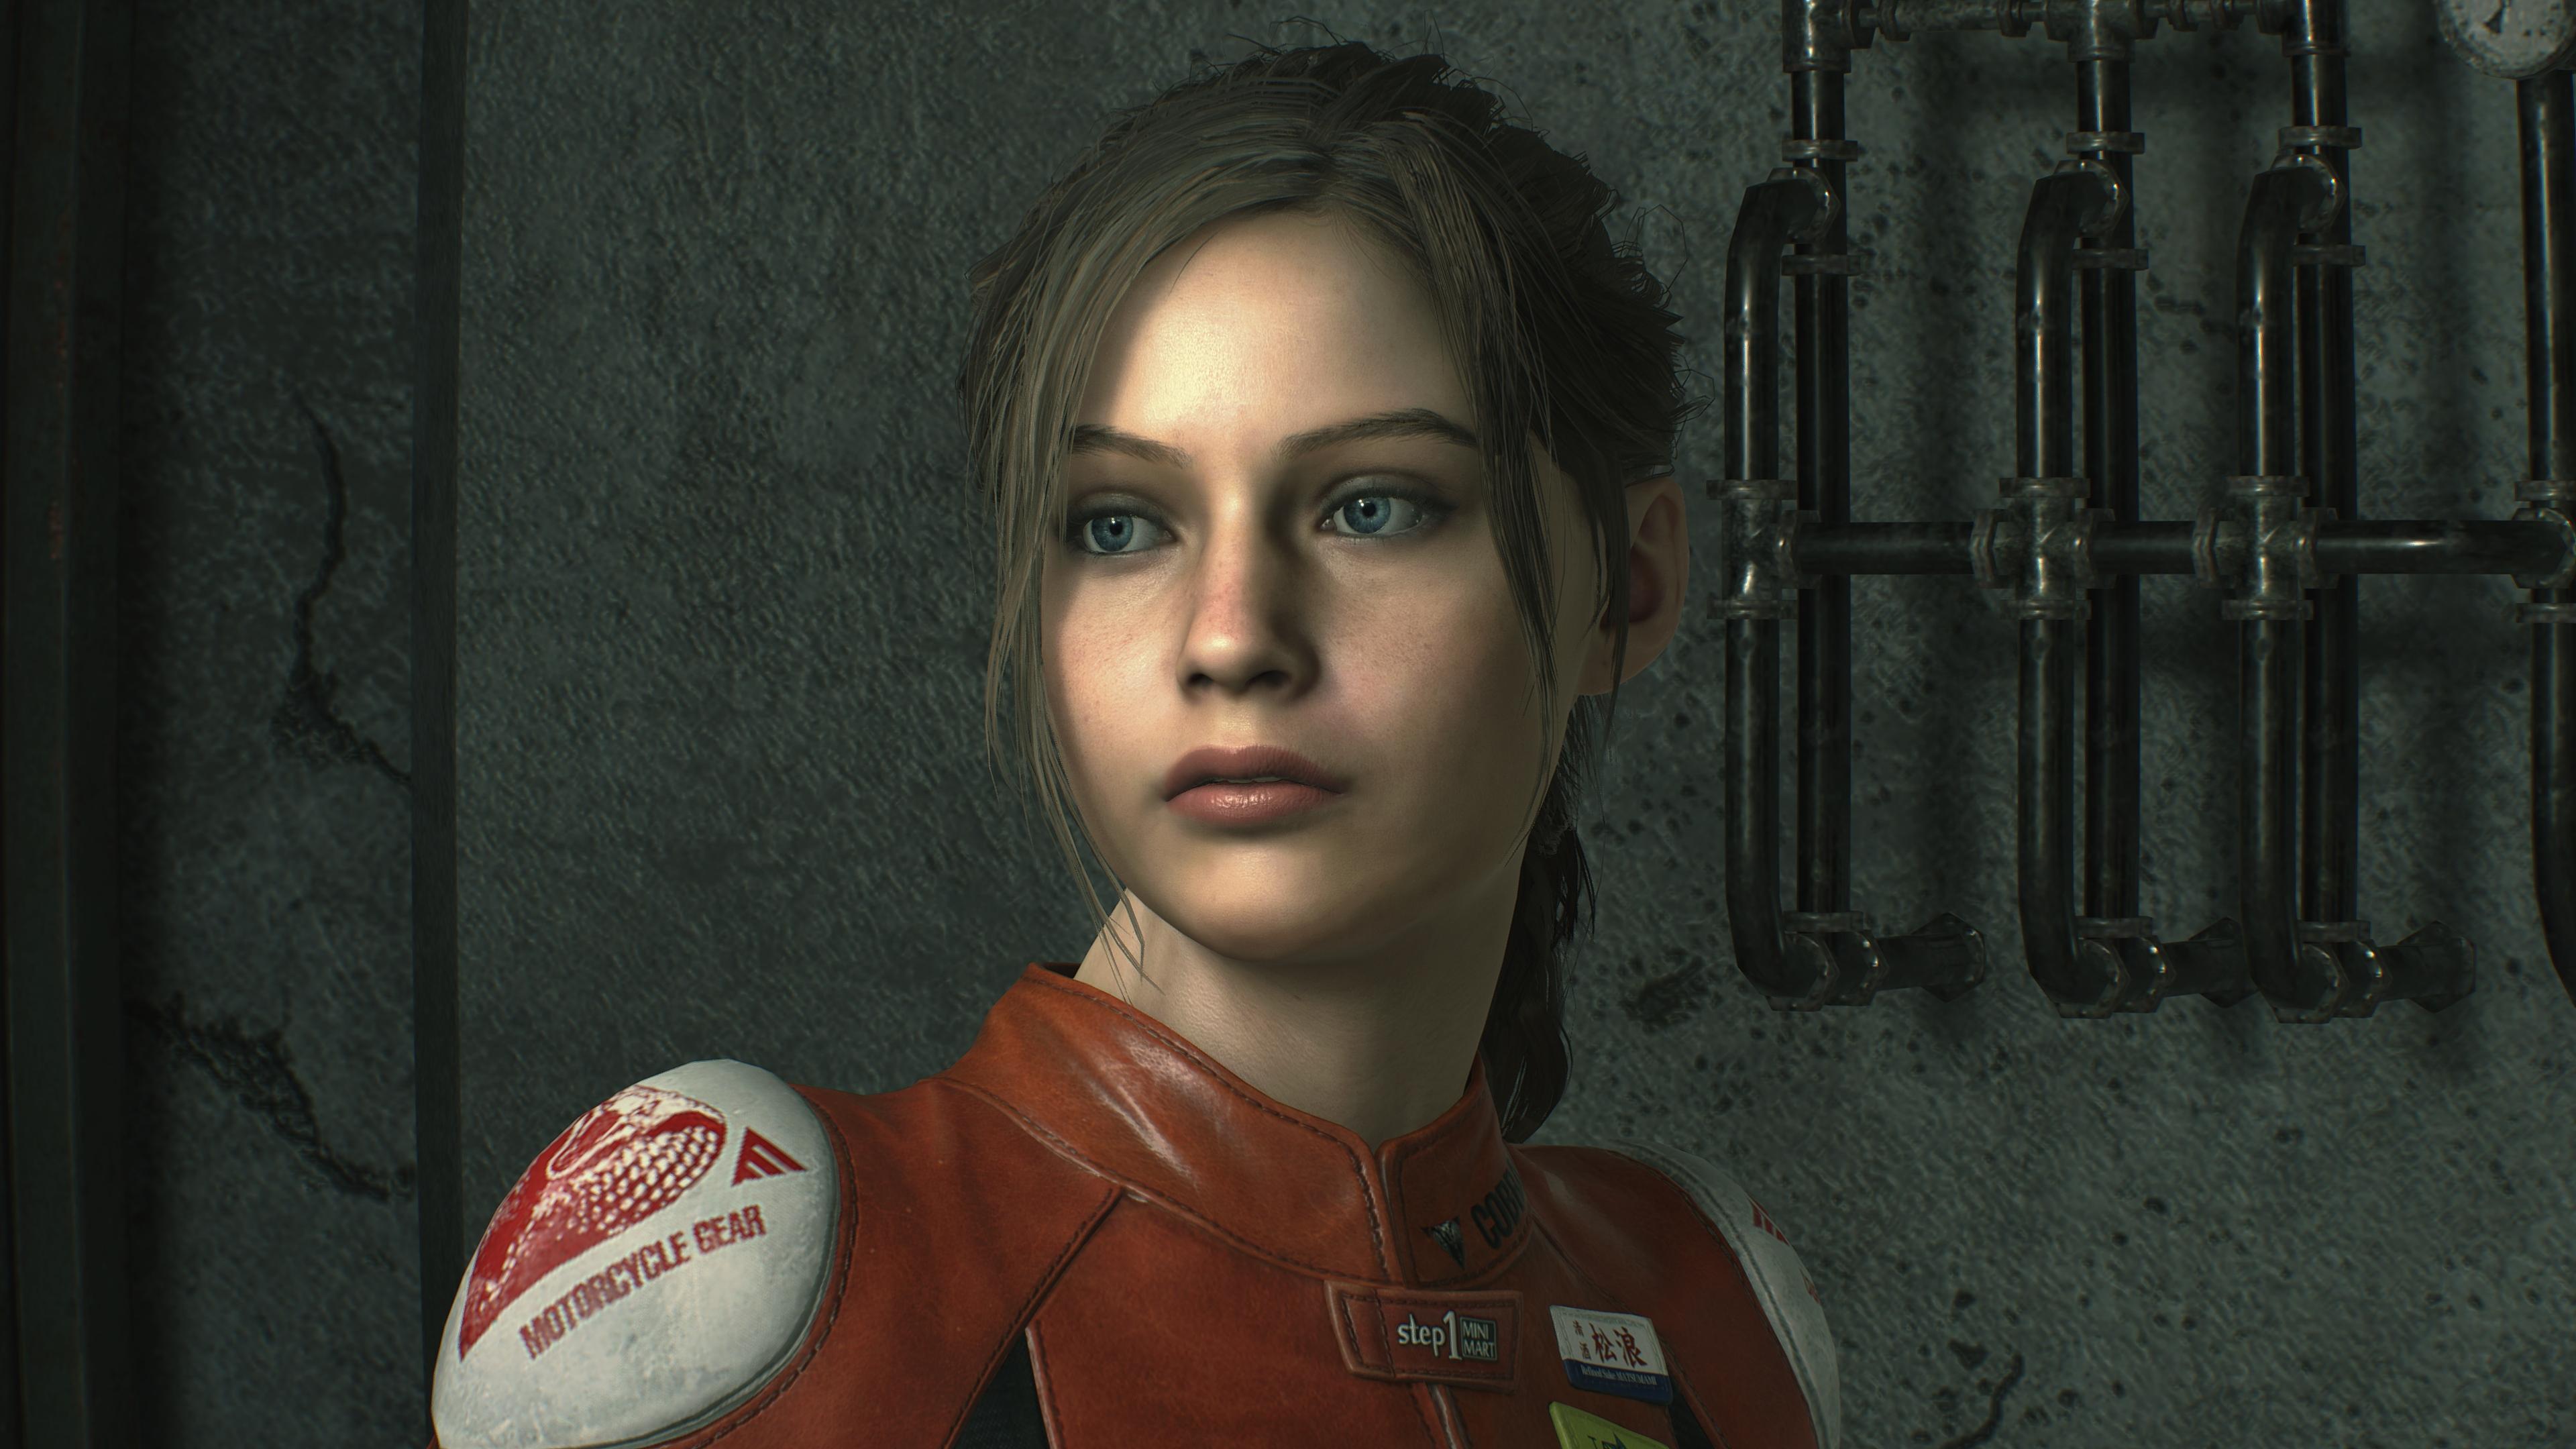 Resident Evil 2  biohazard Re2 Screenshot 2019.01.30 - 04.57.13.jpg - Resident Evil 2